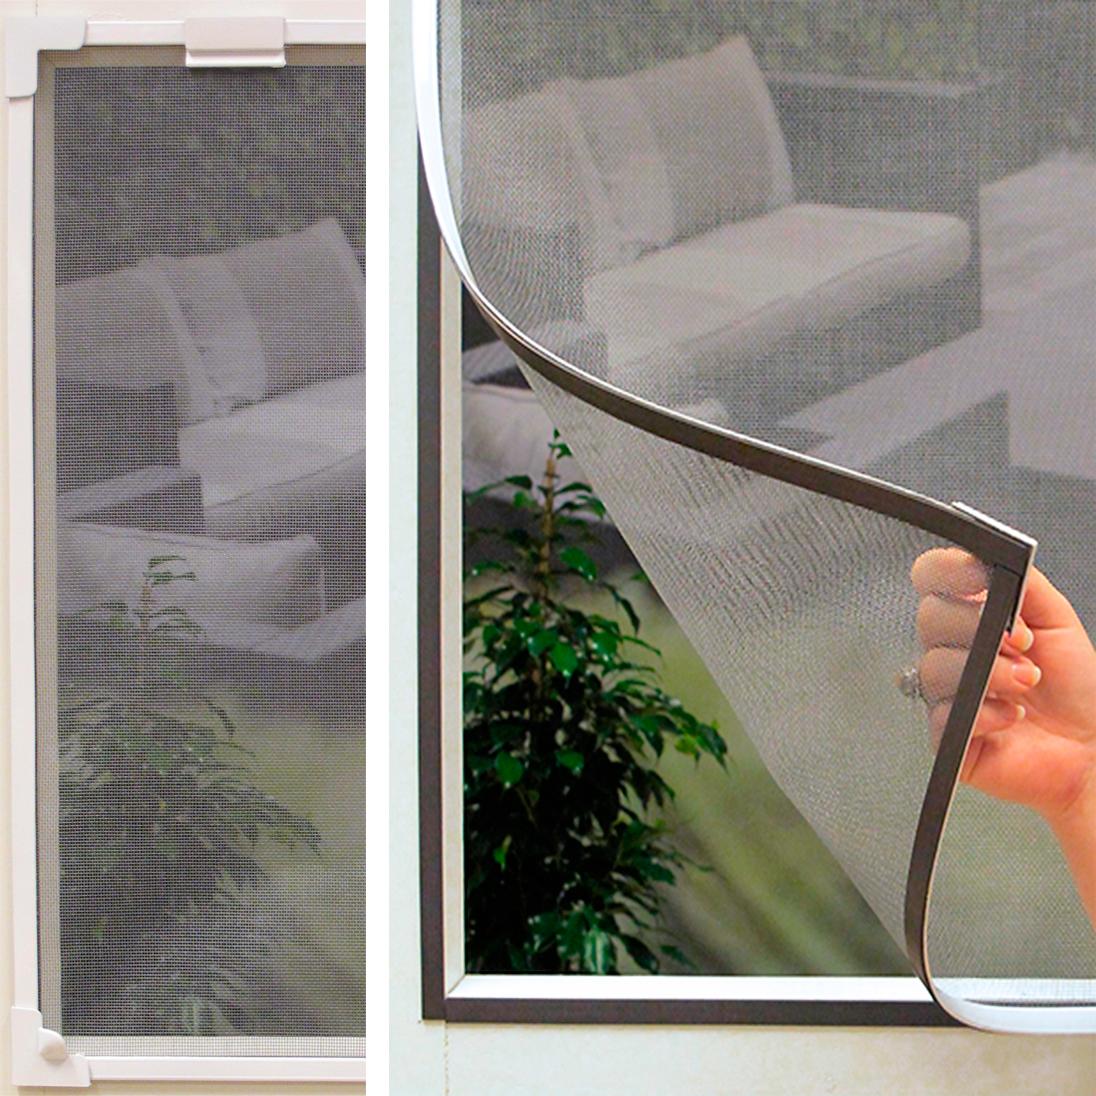 Siitepölysuoja Ikkunaan